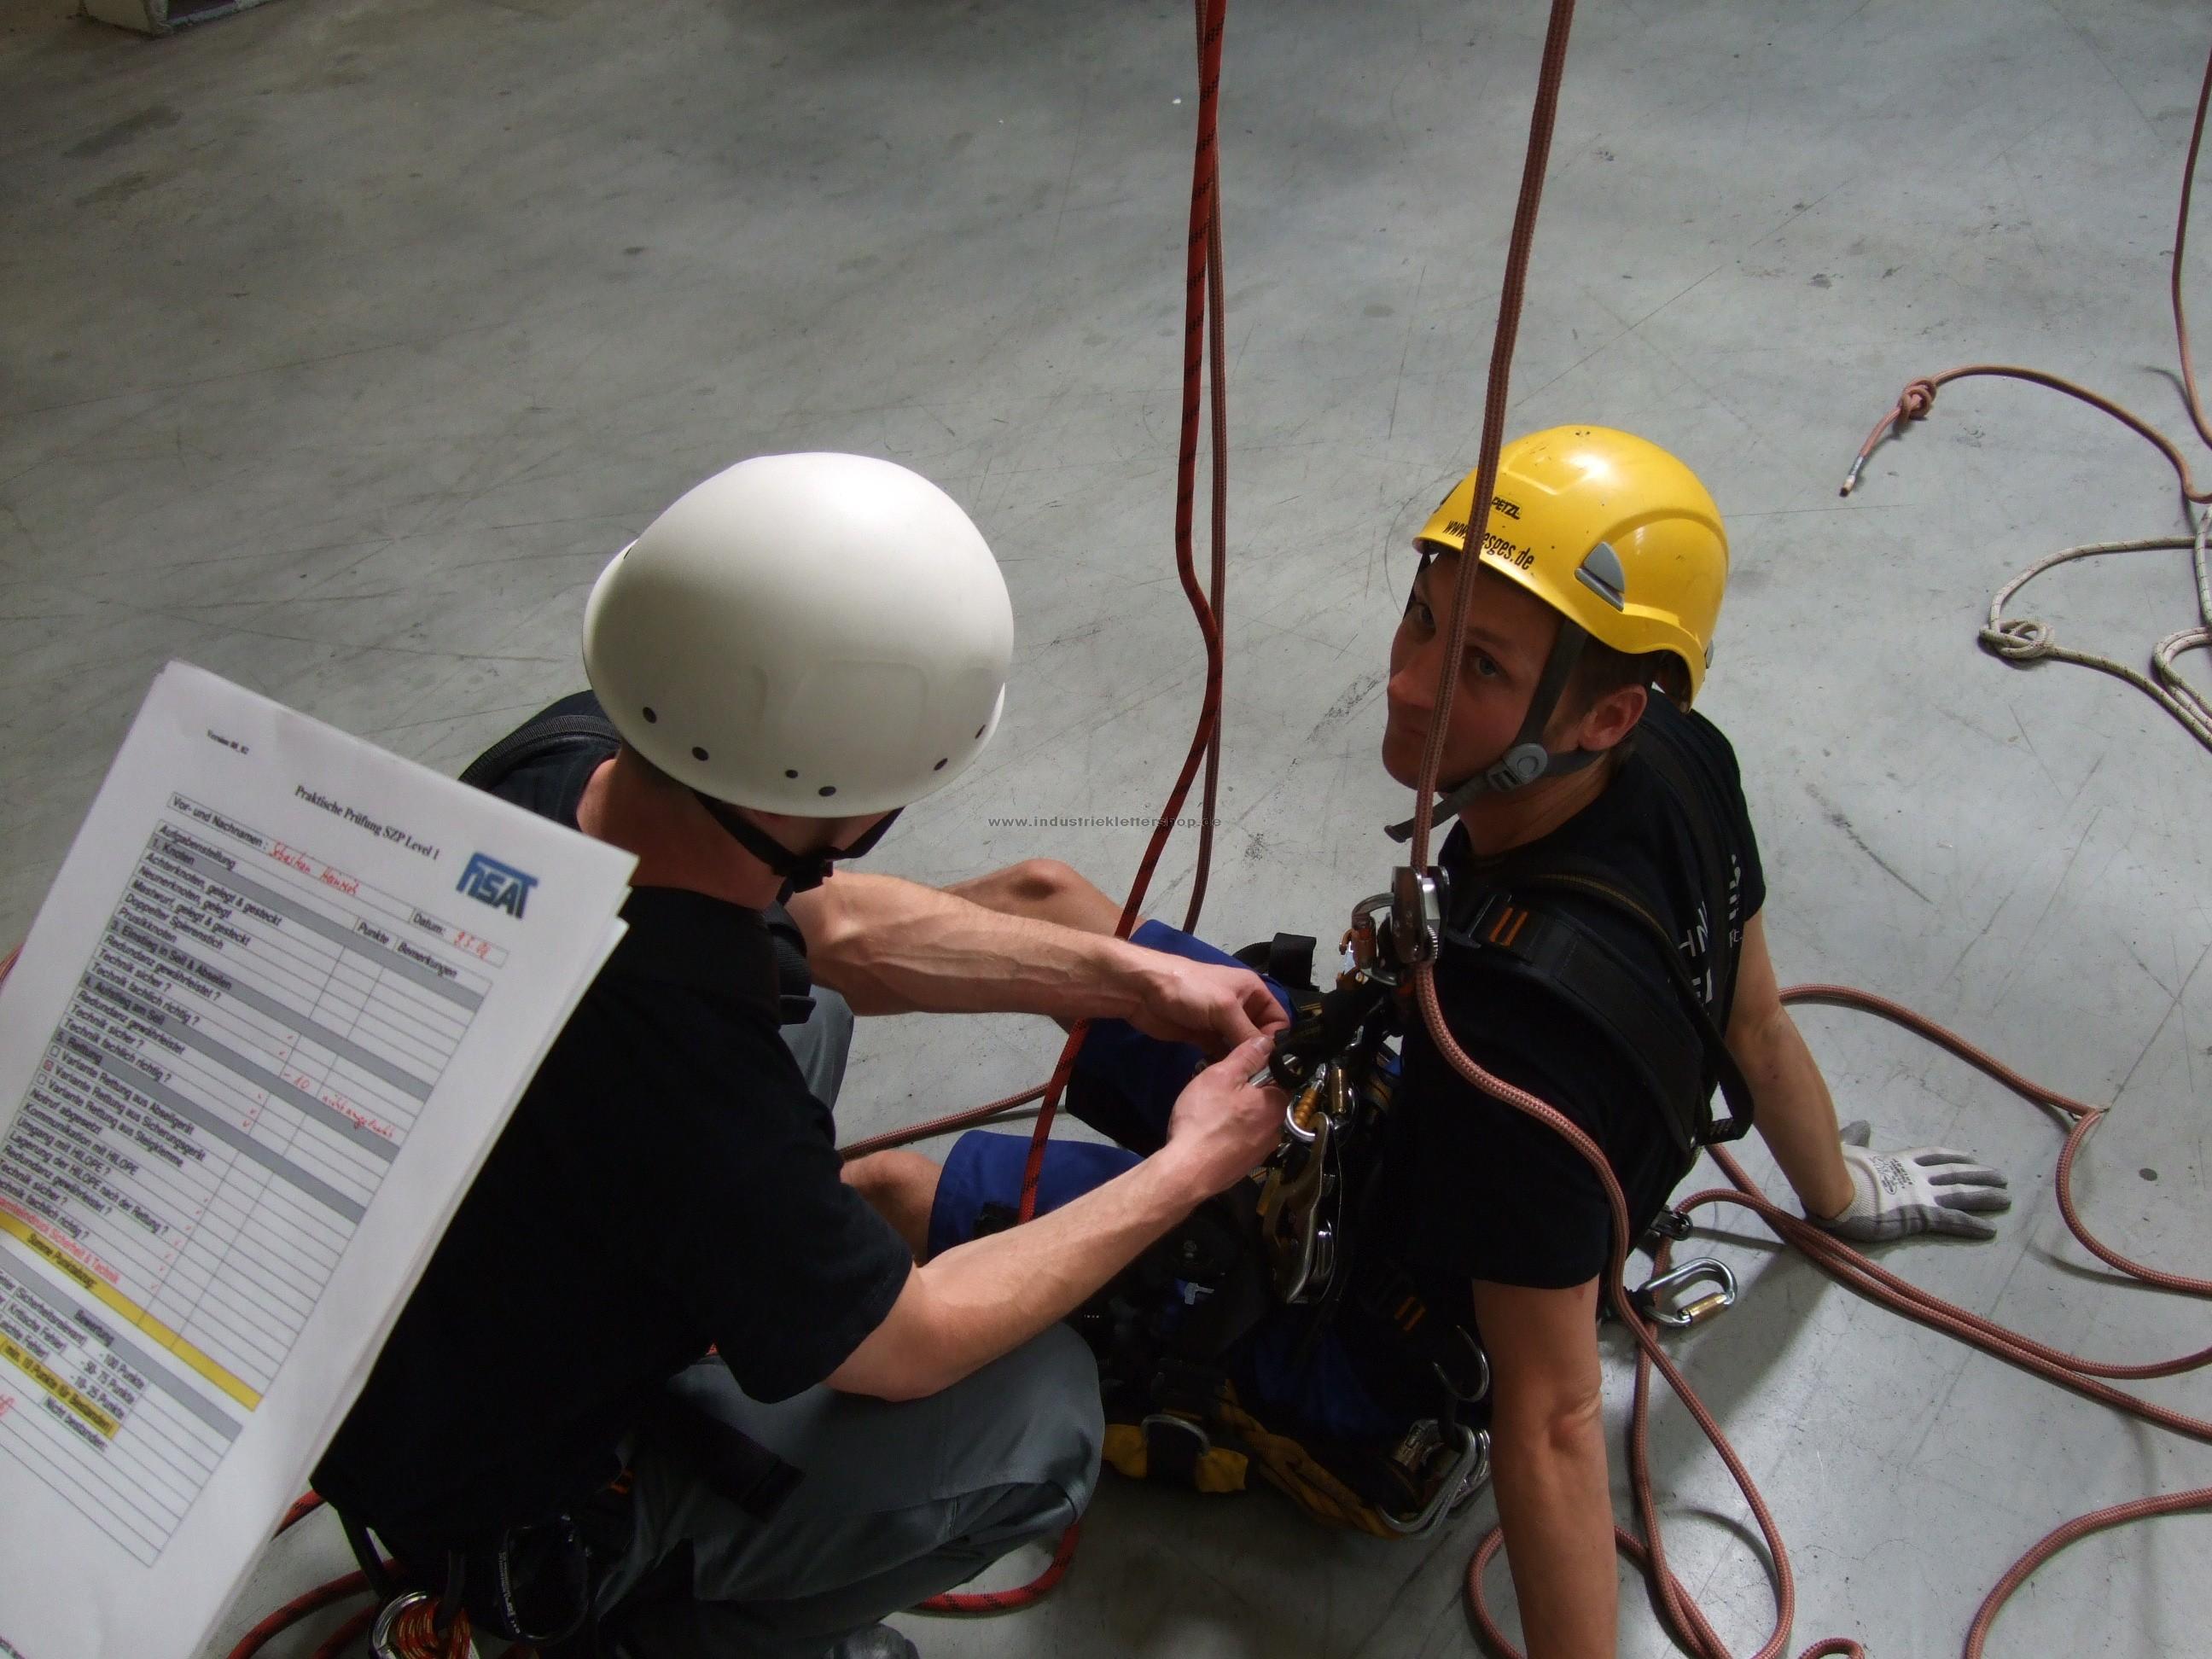 Klettergurt Industrie : Ausbildung zum höhenarbeiter l1 fisat industrieklettershop.de